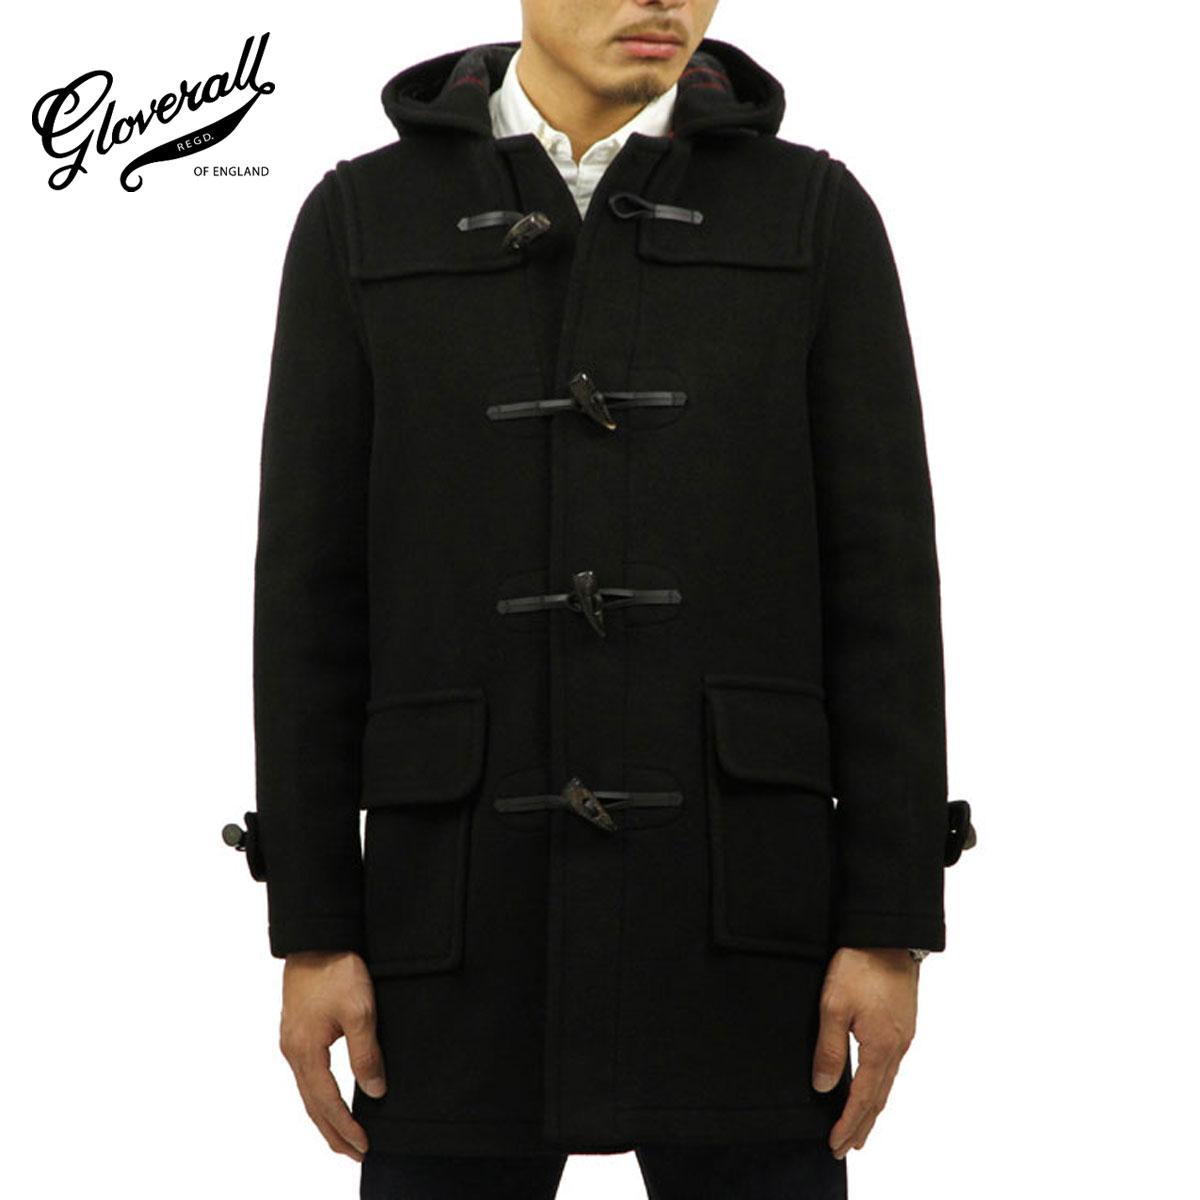 値引きする グローバーオール GLOVERALL 正規販売店 メンズ アウタージャケット ダッフルコート Black Duffel Coat 920 920 メンズ Black C Cloth D20S30:ブランド品セレクトショップ MIXON, カラクワチョウ:d49e5fb4 --- nagari.or.id